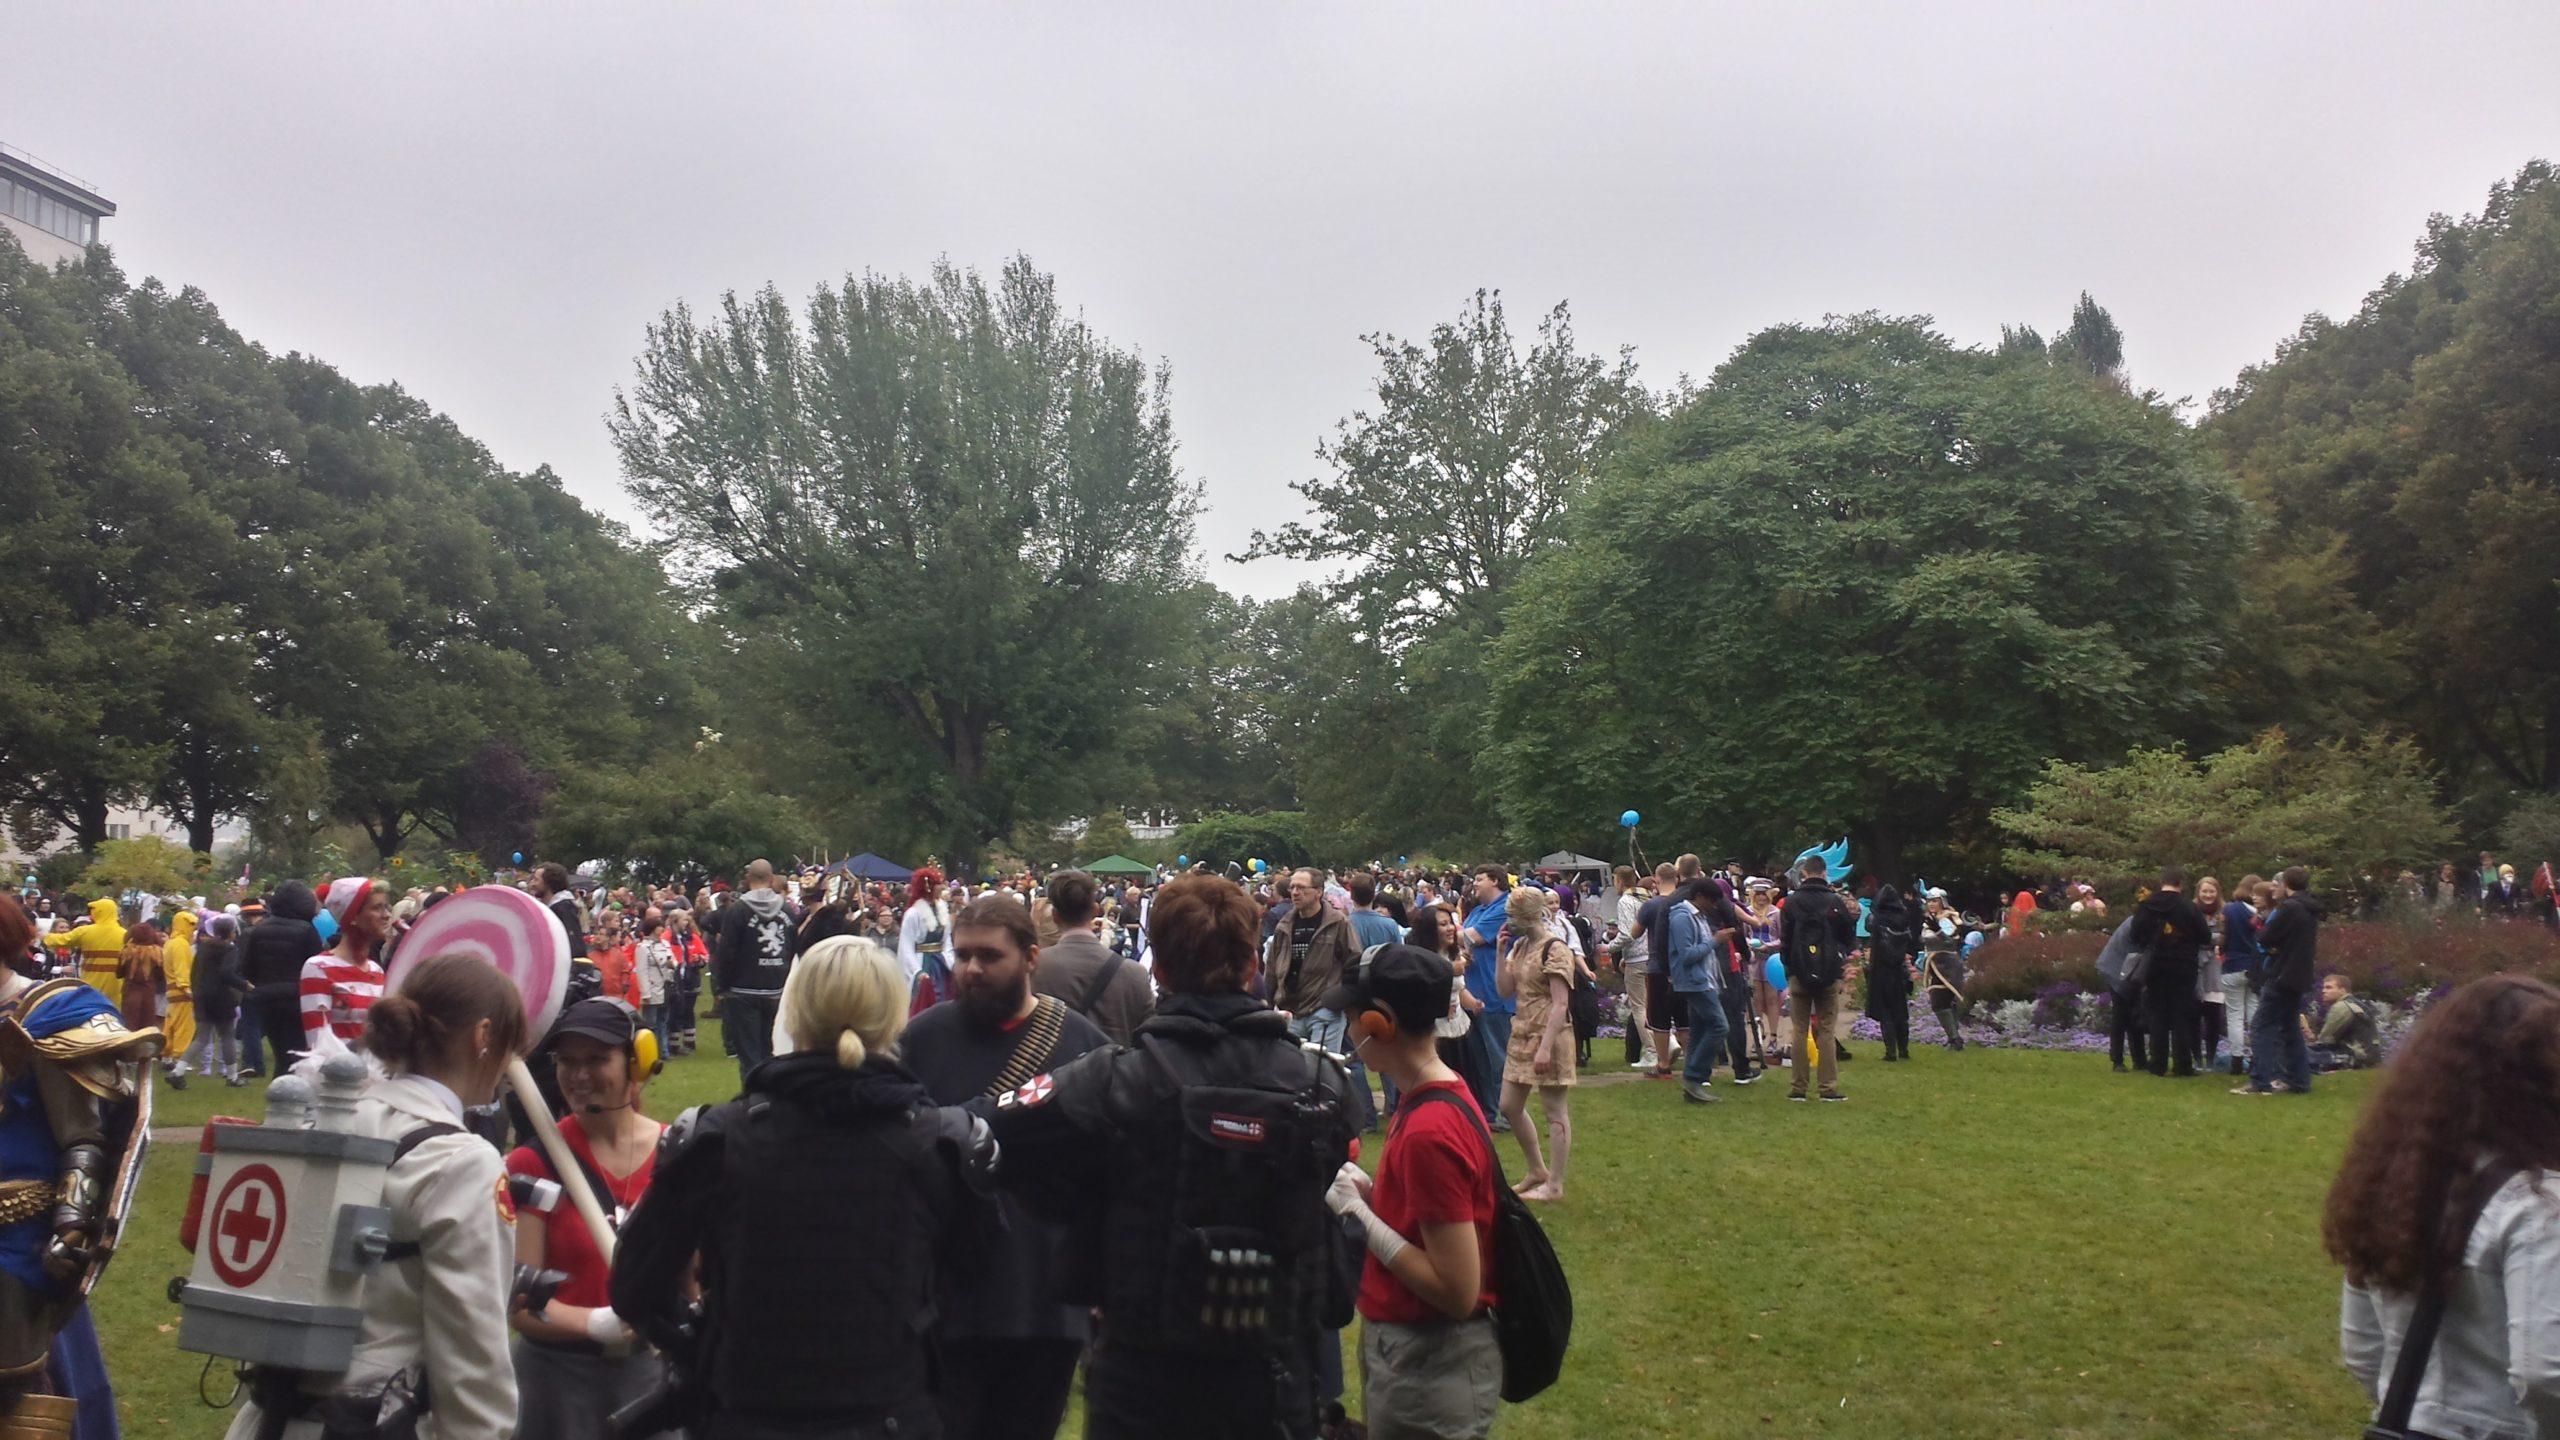 Trotz Regen waren viele Cosplayer und AniManGa-Begeisterte im Park und auf dem Gelände unterwegs.